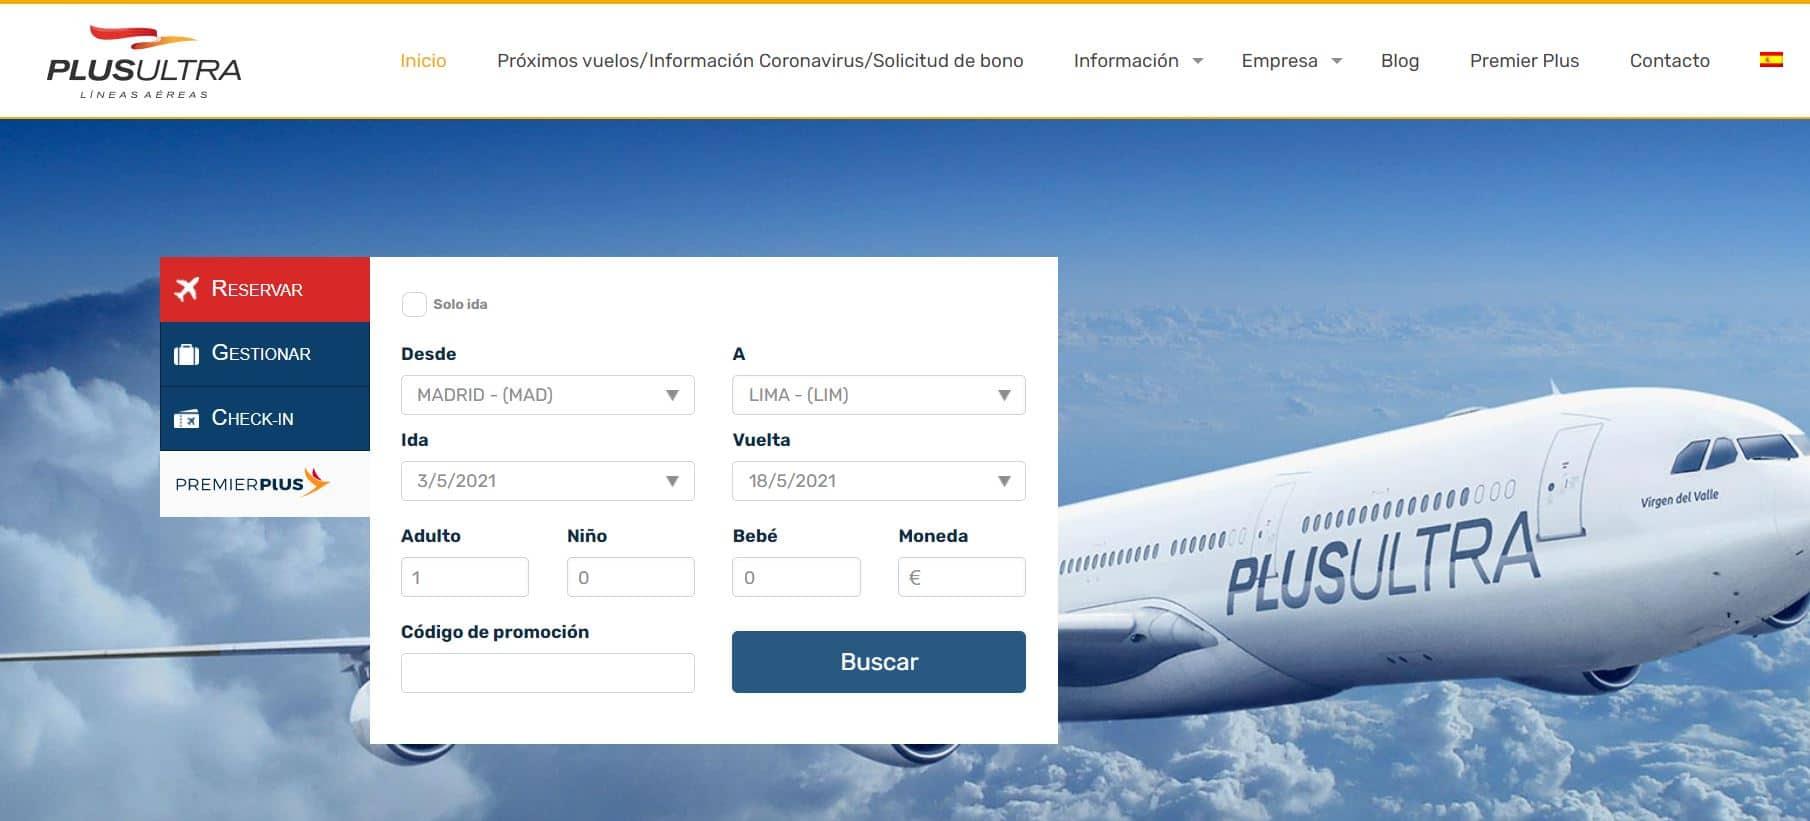 Cómo reservar un vuelo en Plus Ultra - Paso 1